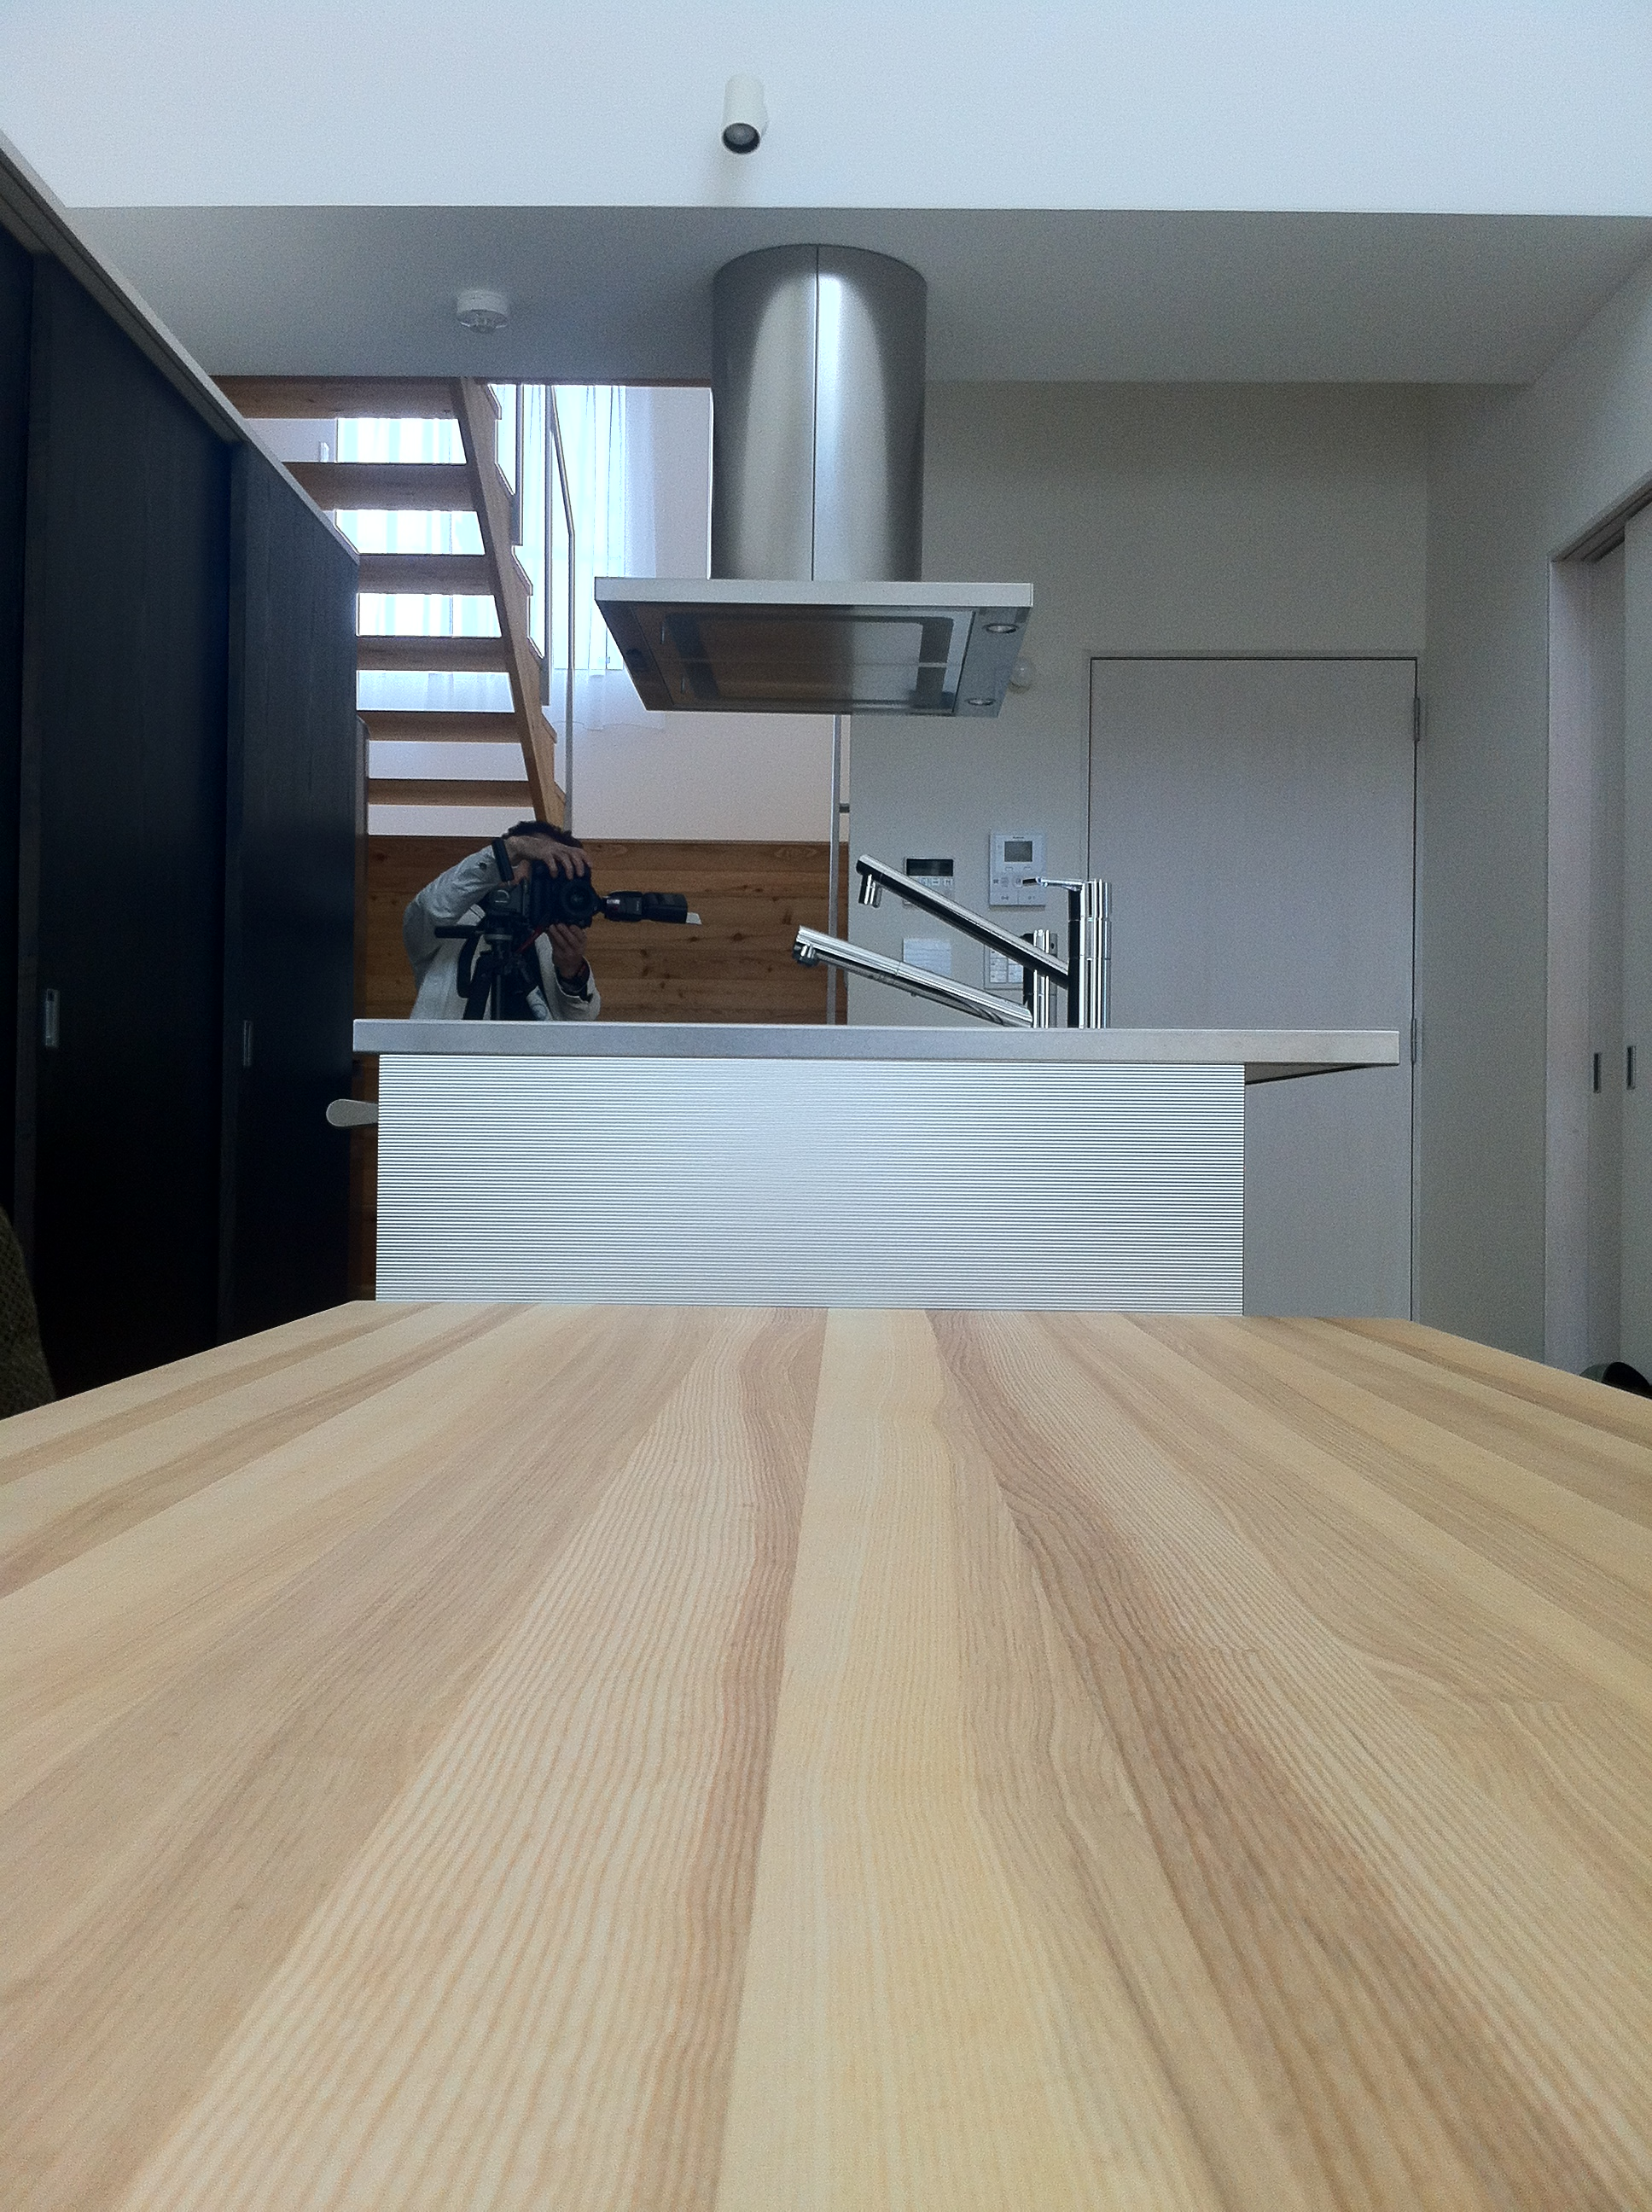 ダイニングテーブルとキッチン、横長の関係